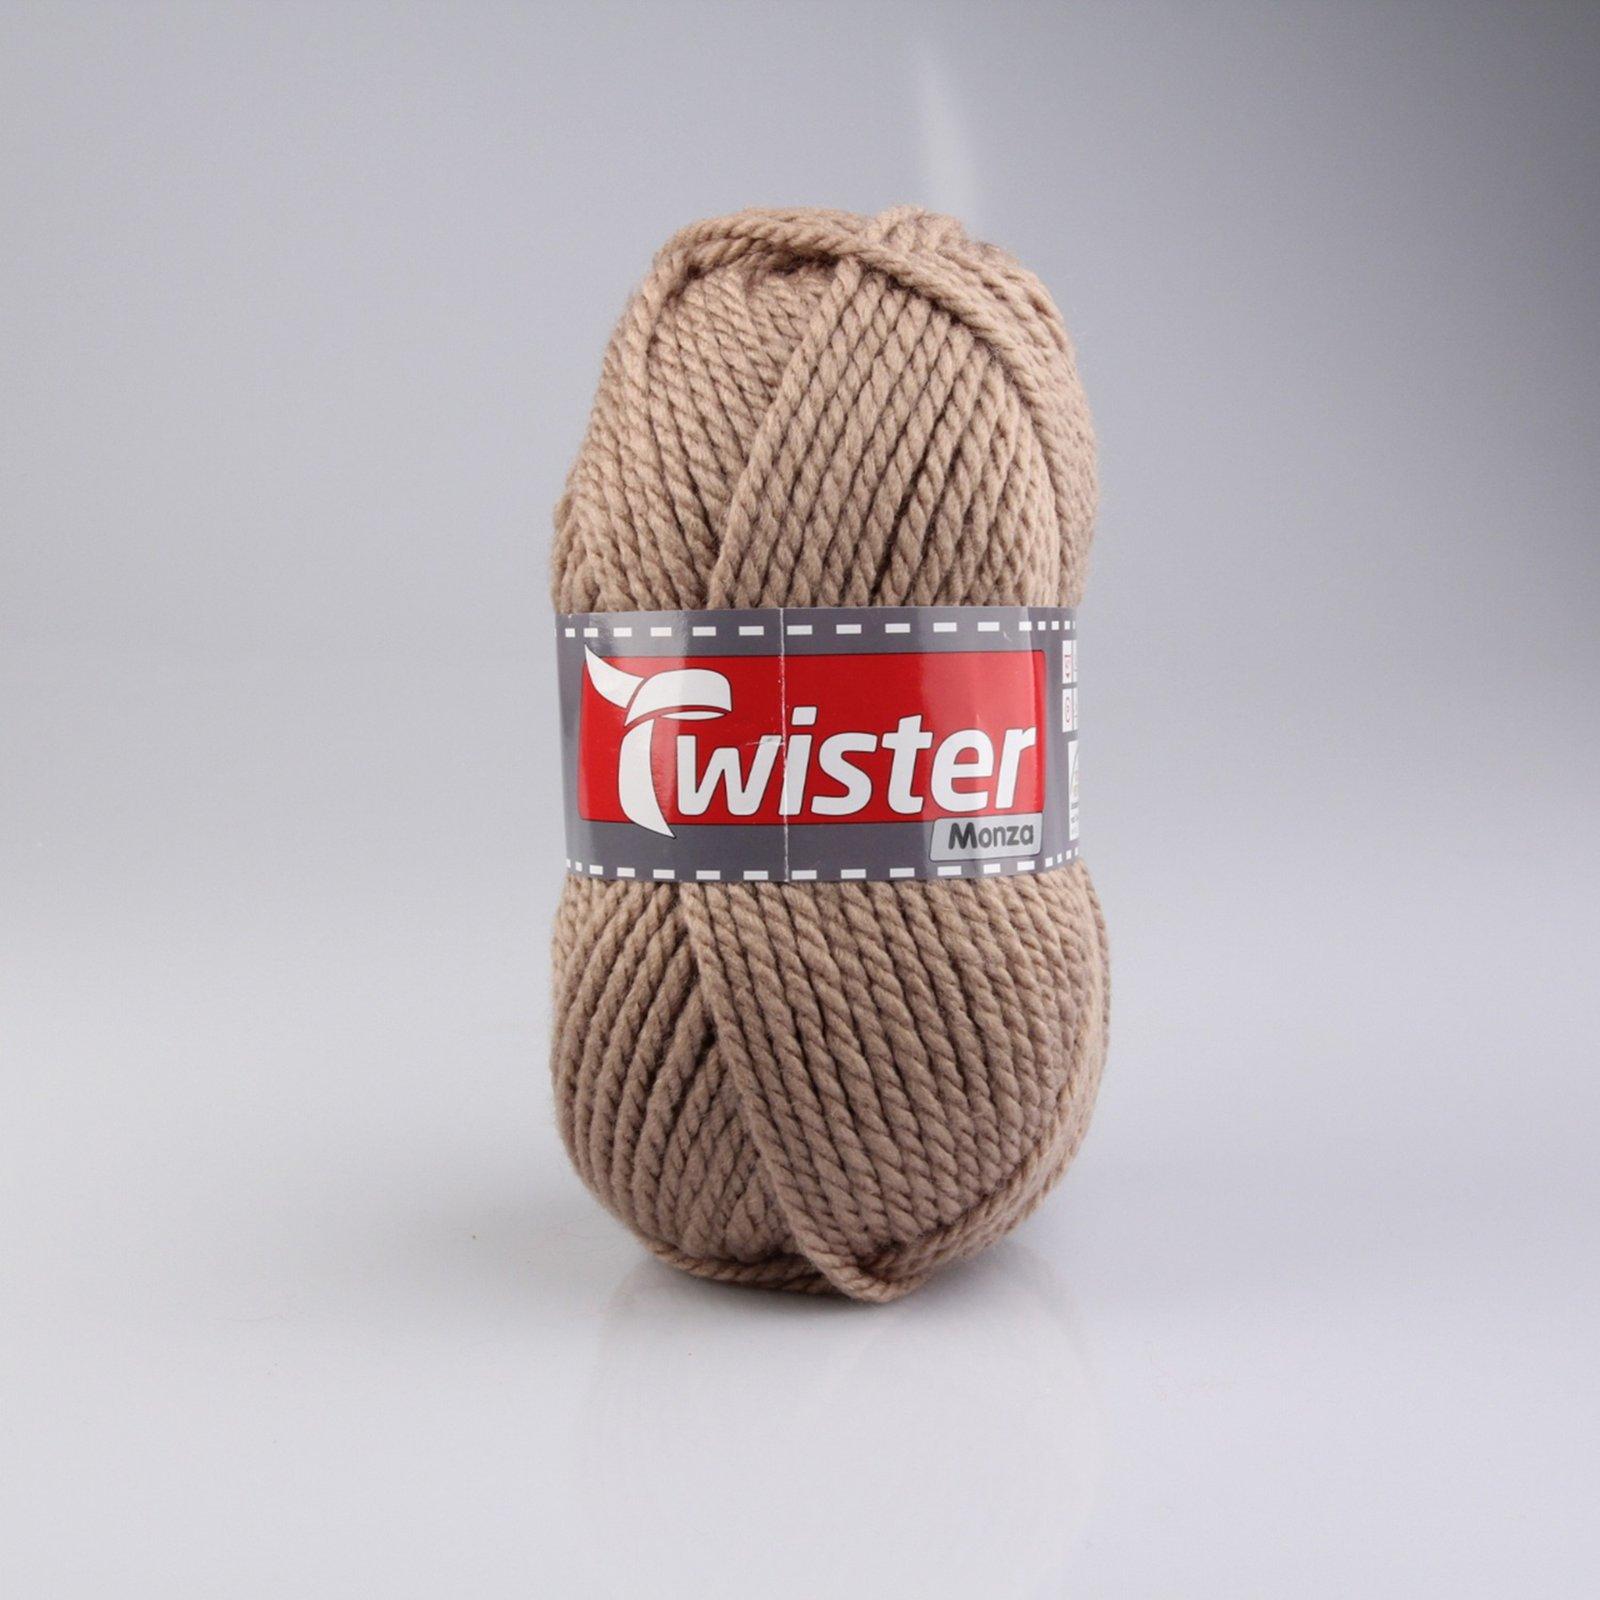 Wolle TWISTER MONZA - beige - 200g